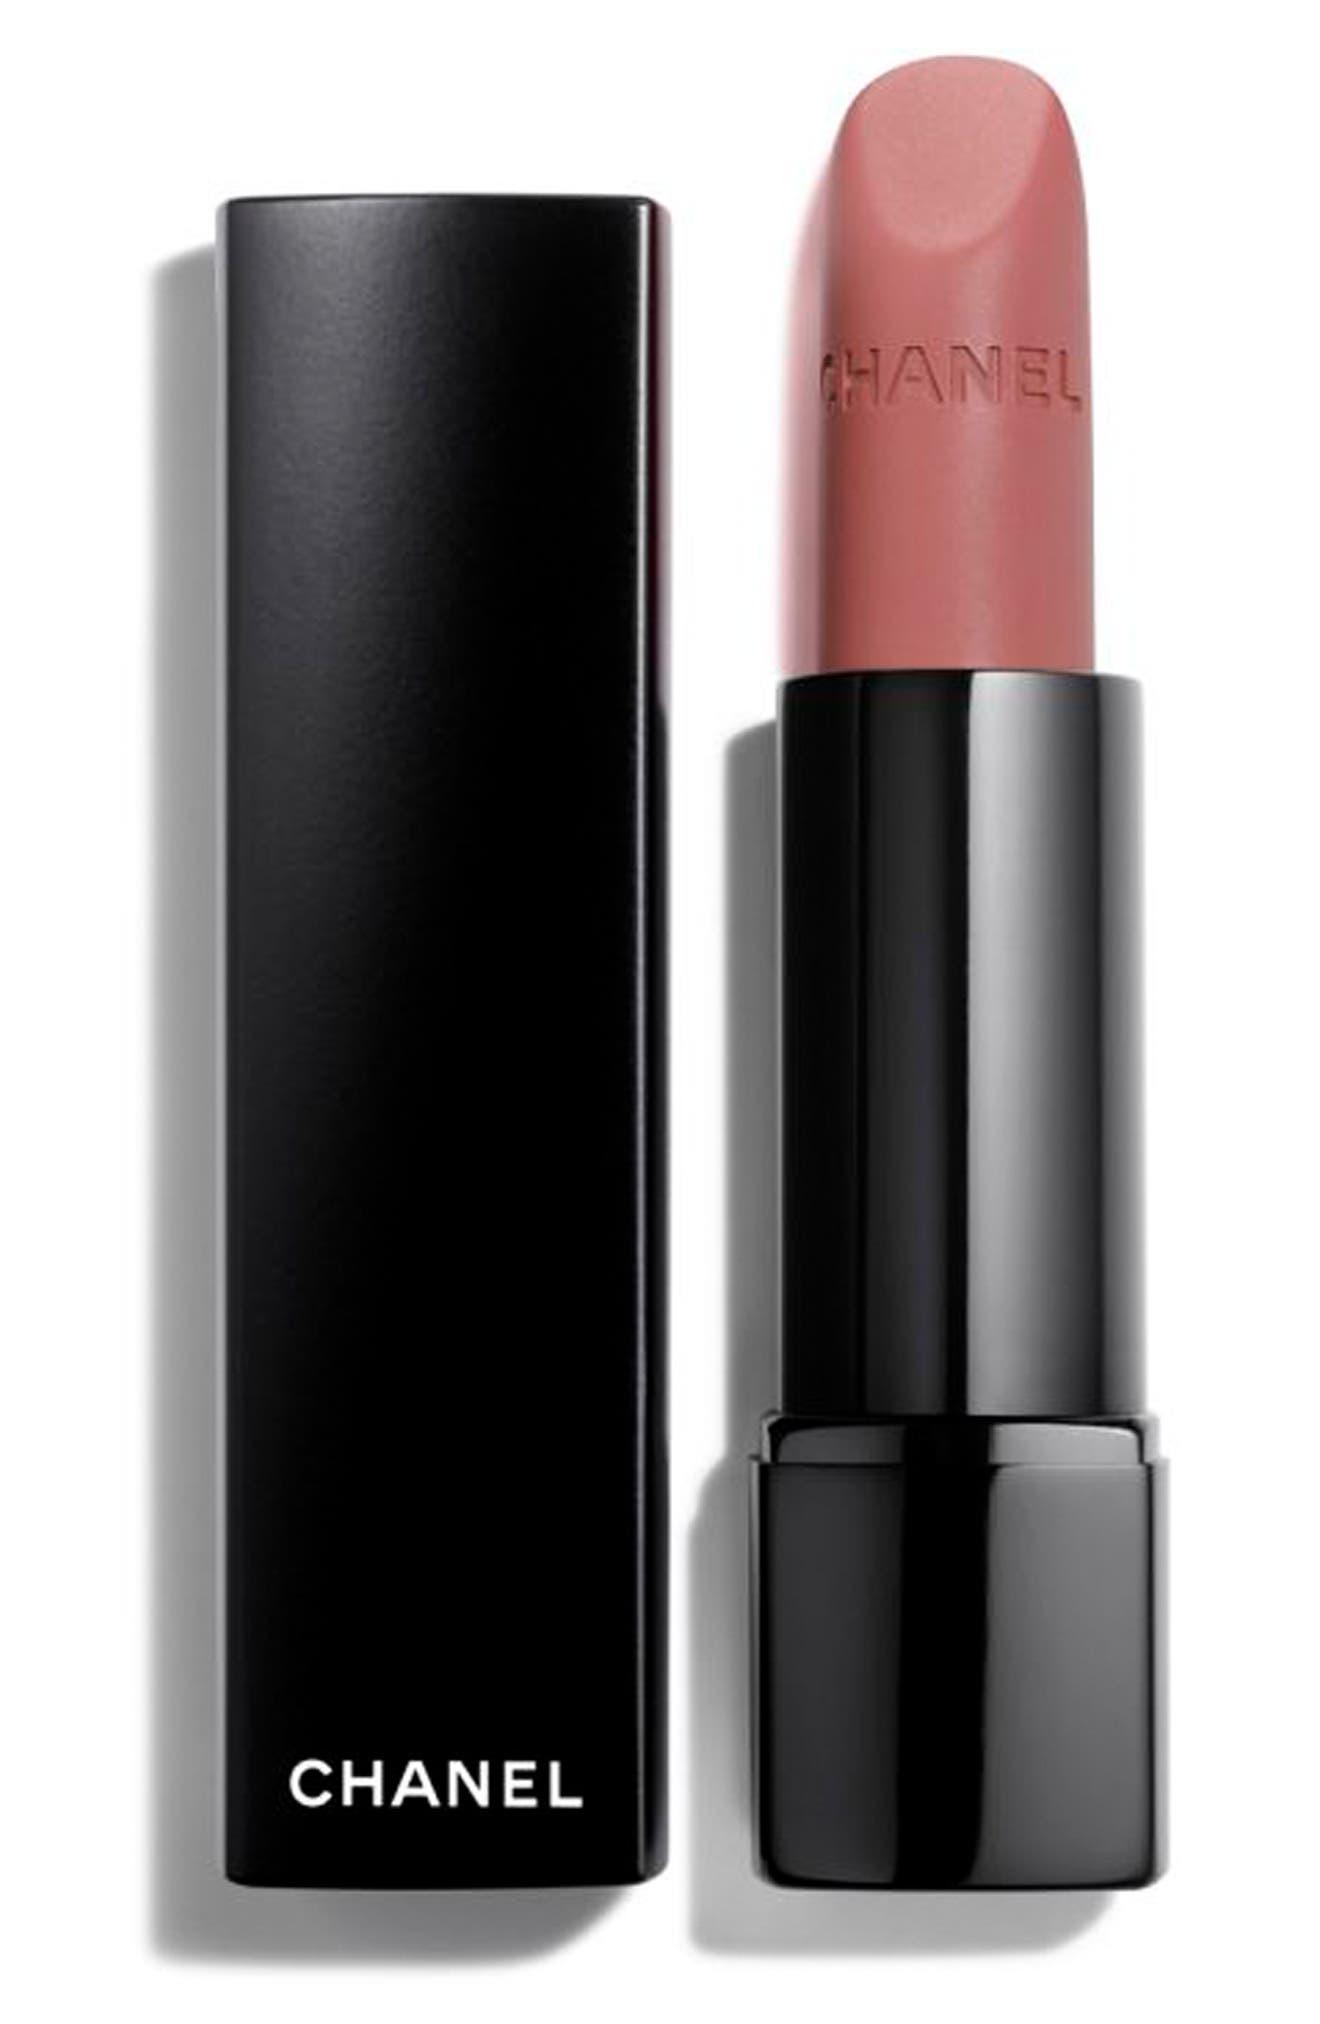 CHANEL,                             ROUGE ALLURE VELVET EXTREME<br />Intense Matte Lip Colour,                             Main thumbnail 1, color,                             102 MODERN